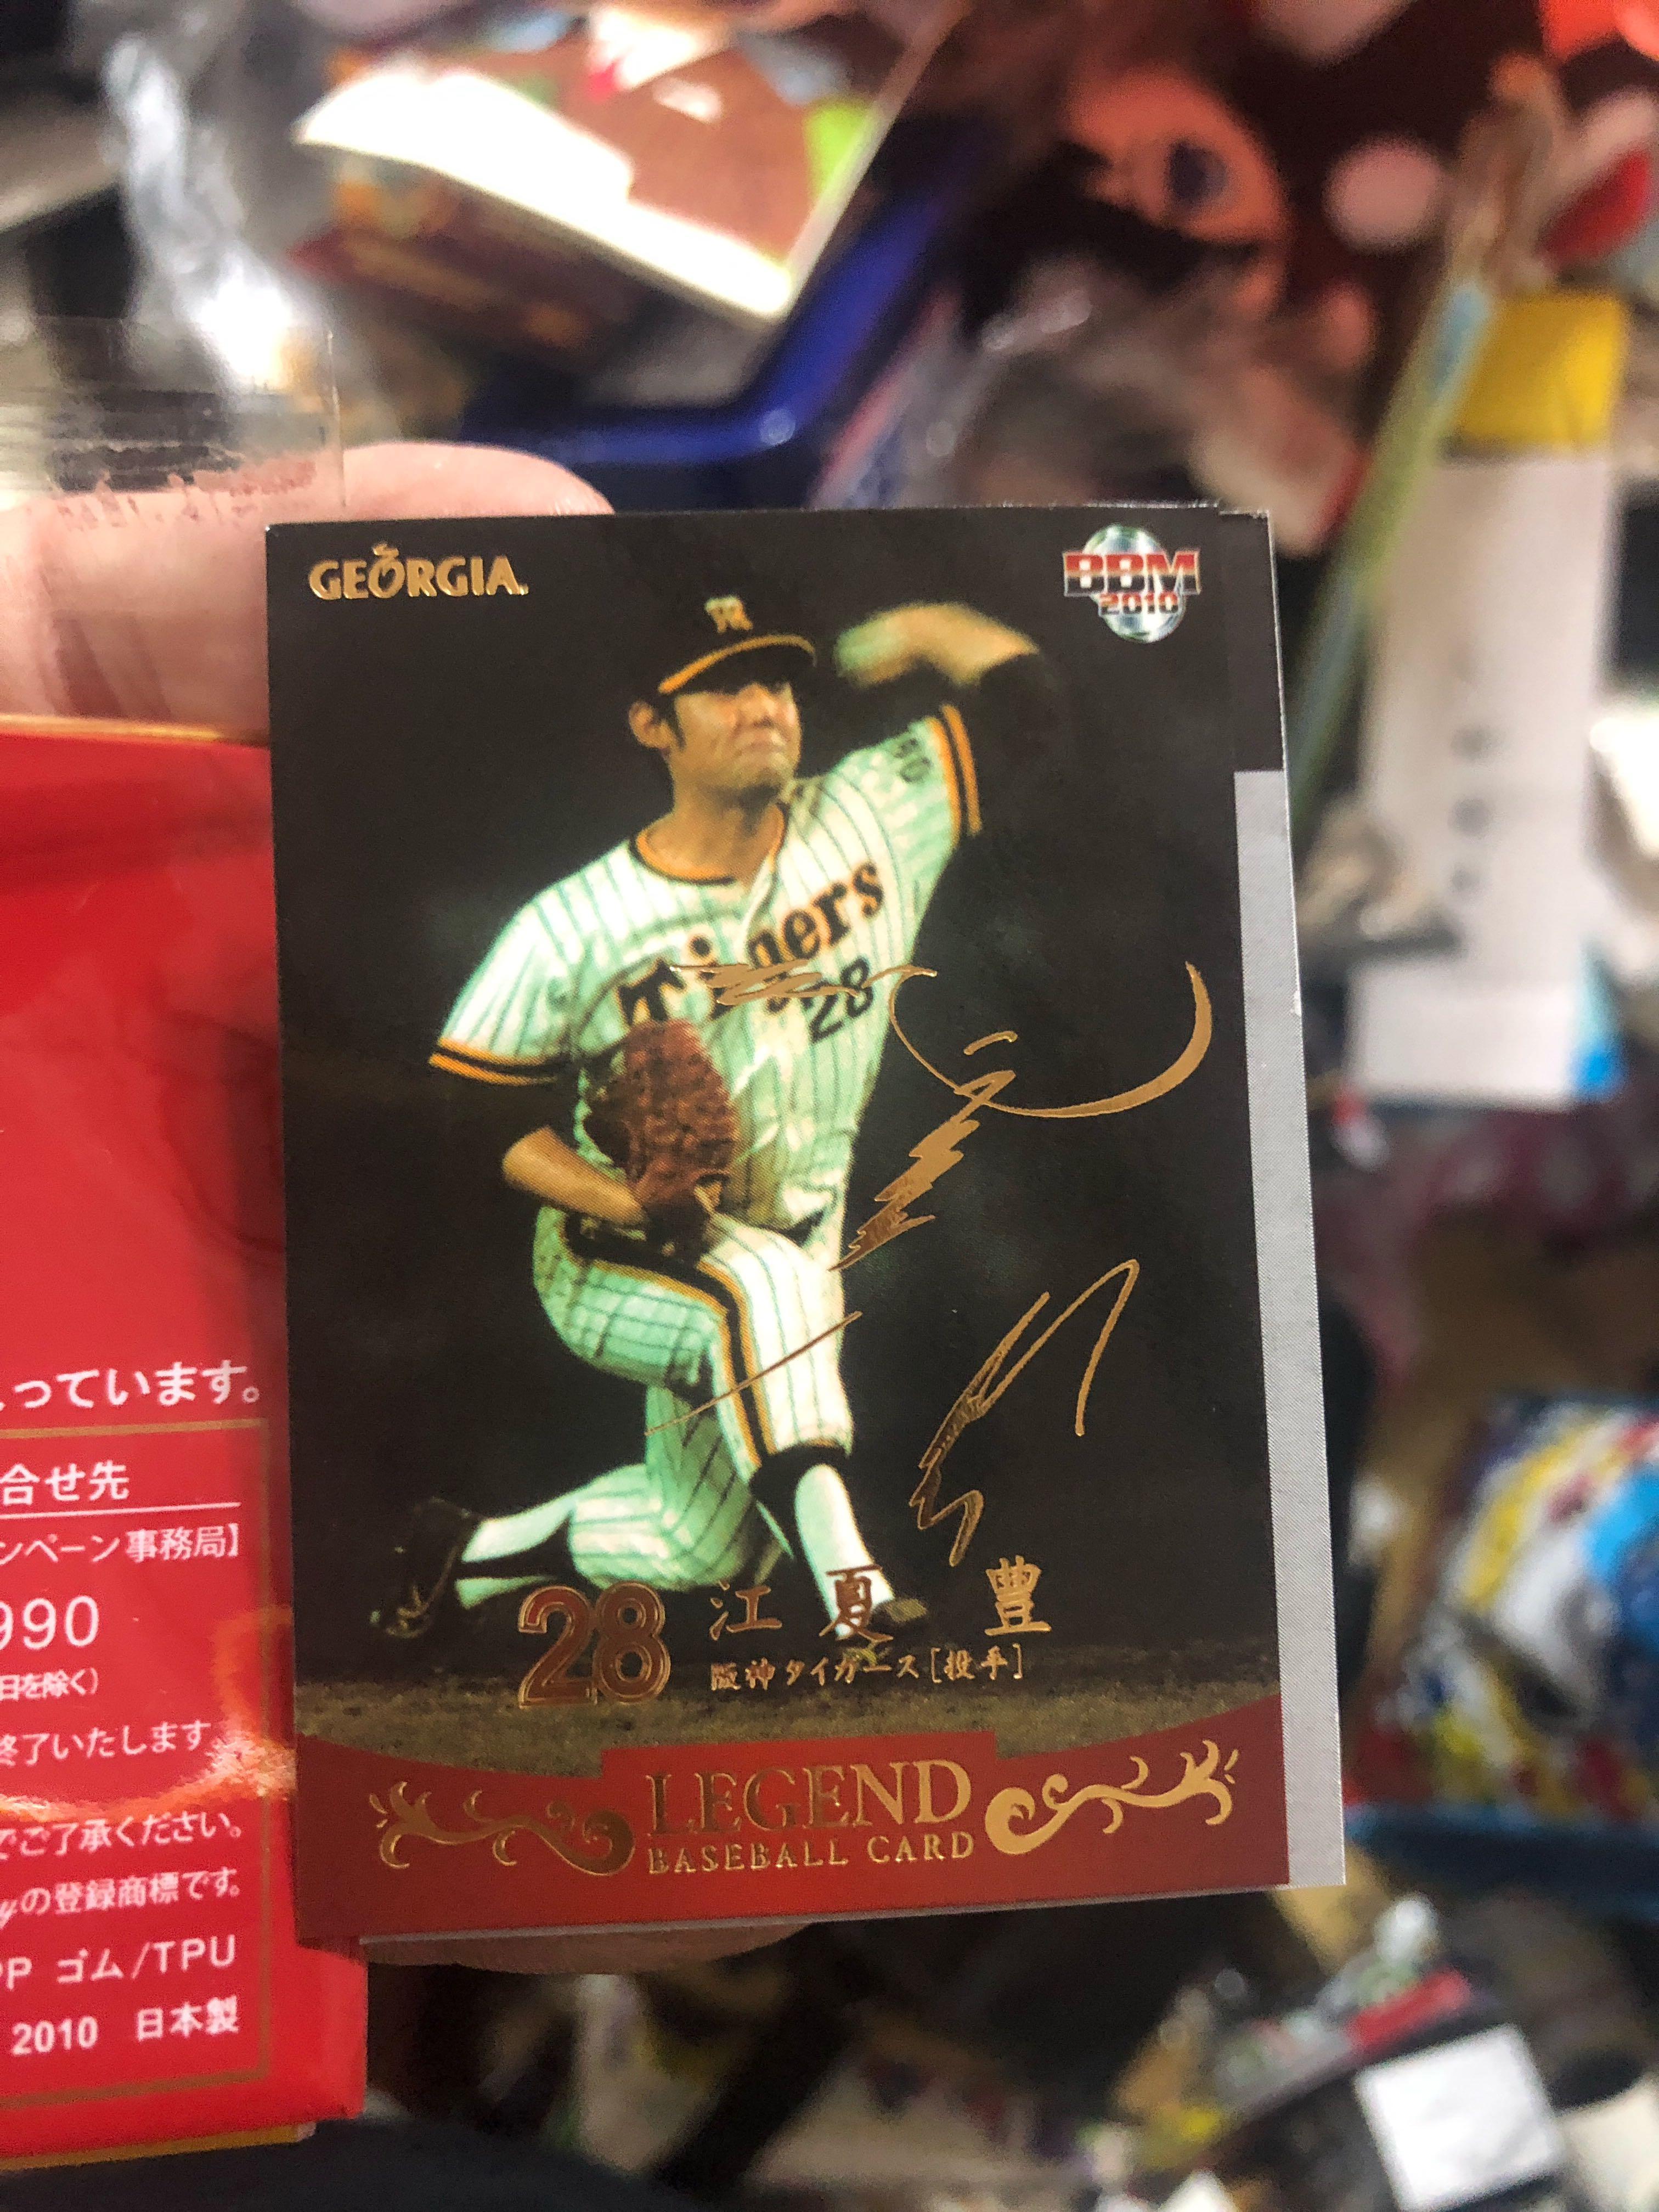 絕版2010聯名卡日本職棒江夏豐球員卡三振王貞治最多的投手